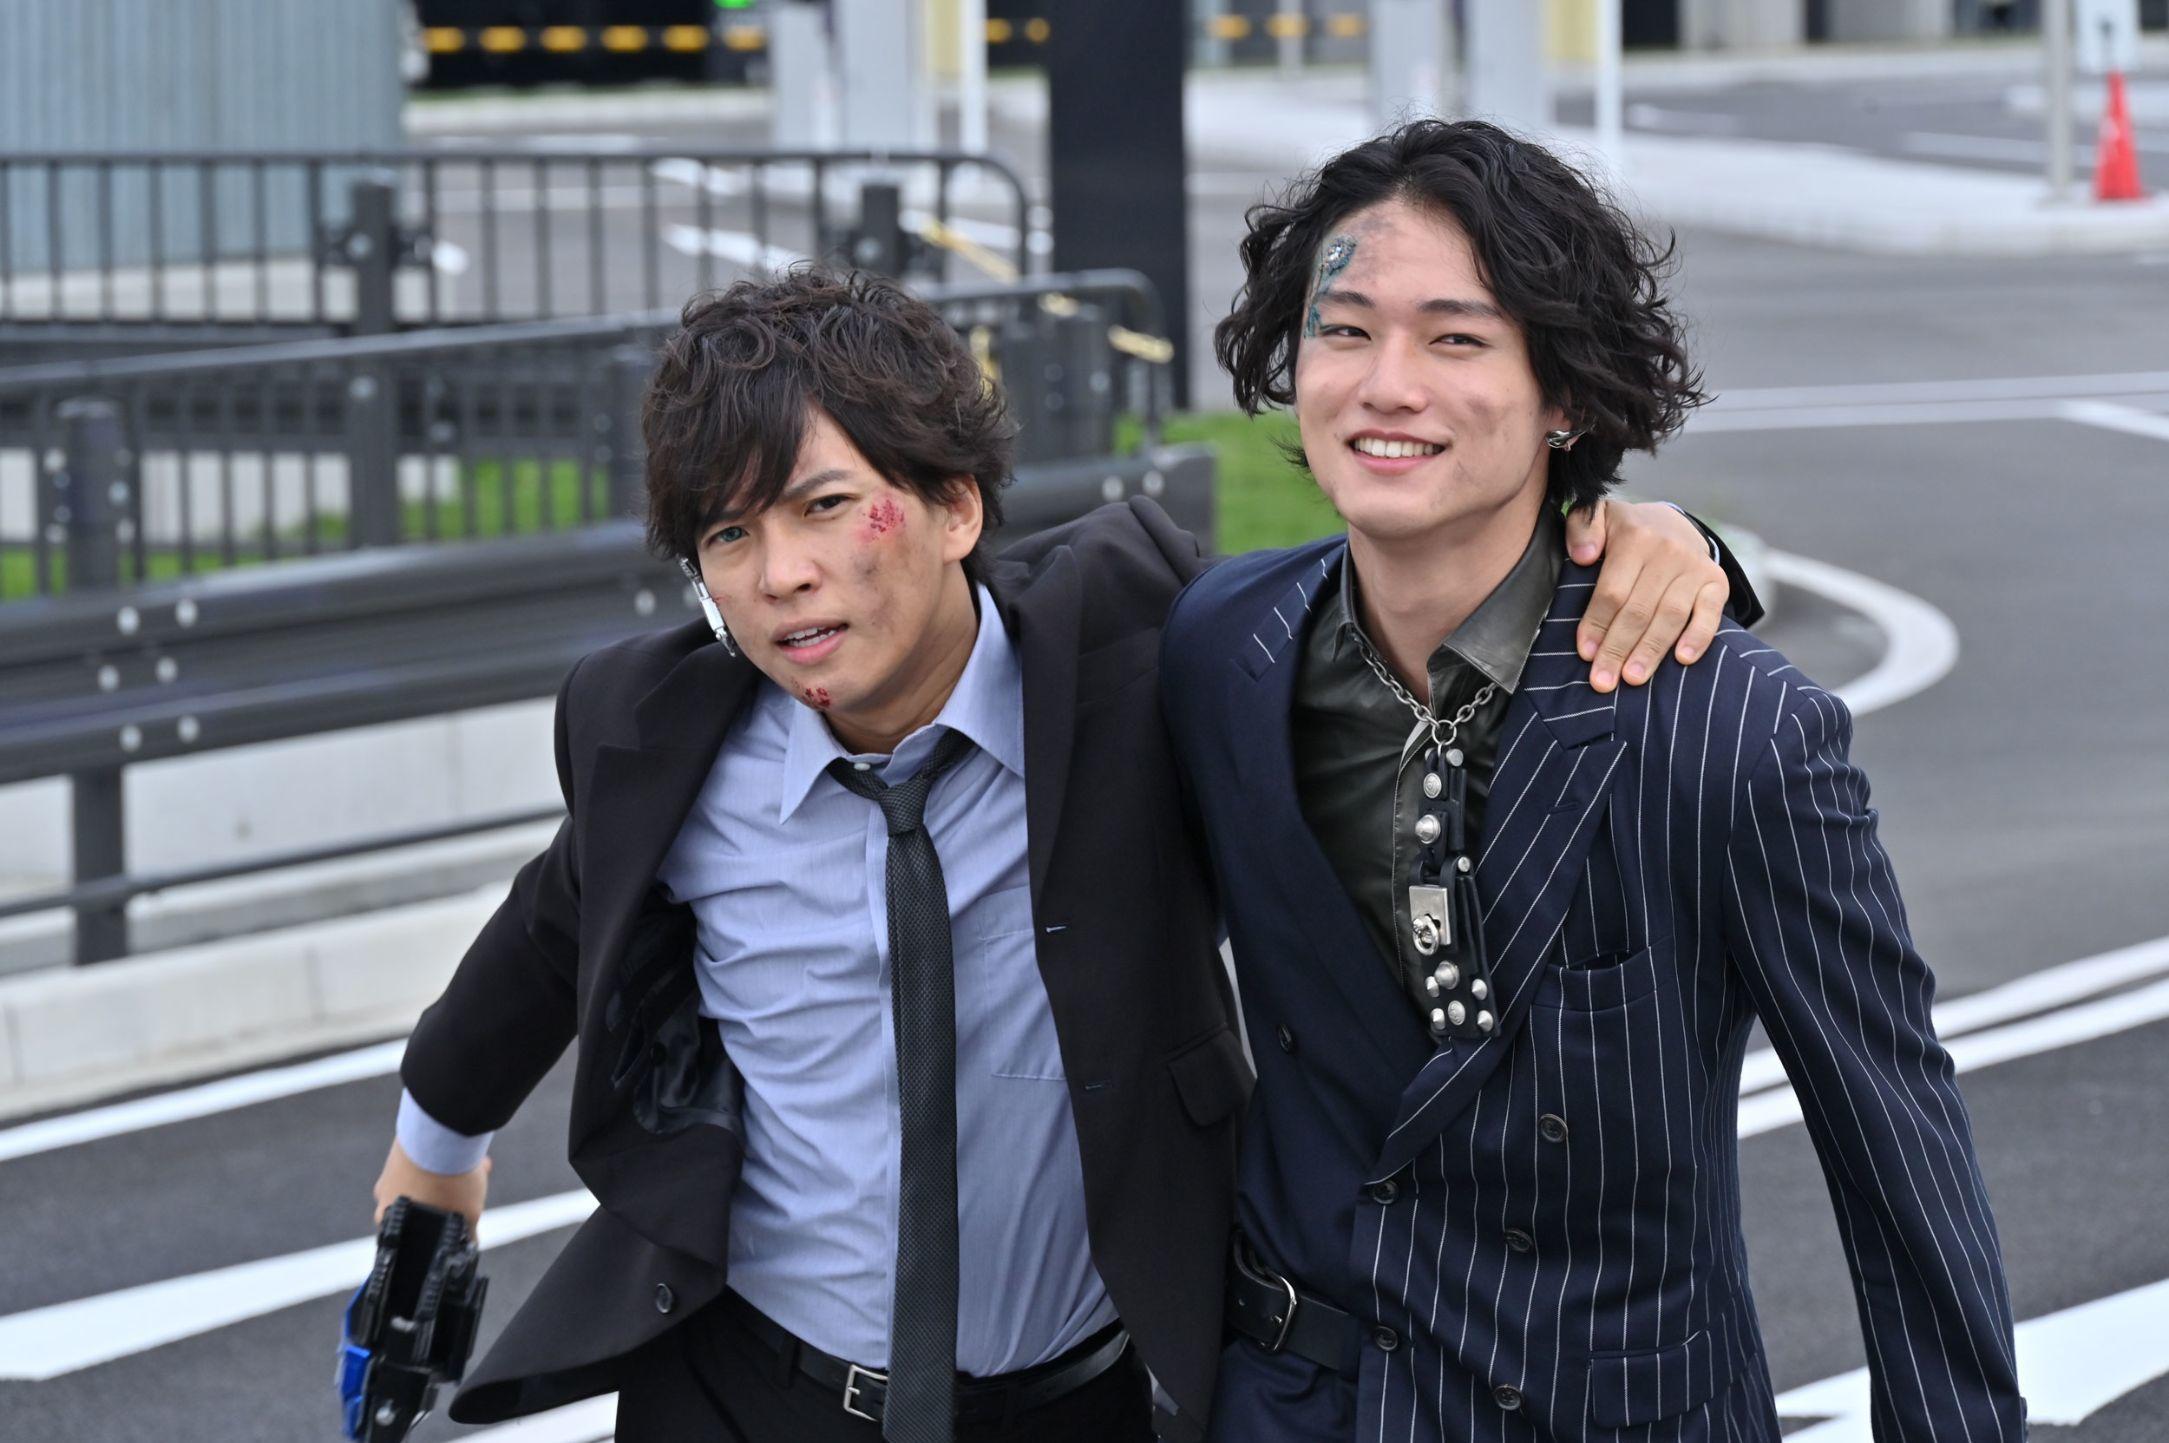 スーパーヒーロープロジェクト(C)石森プロ・テレビ朝日・ADK EM・東映